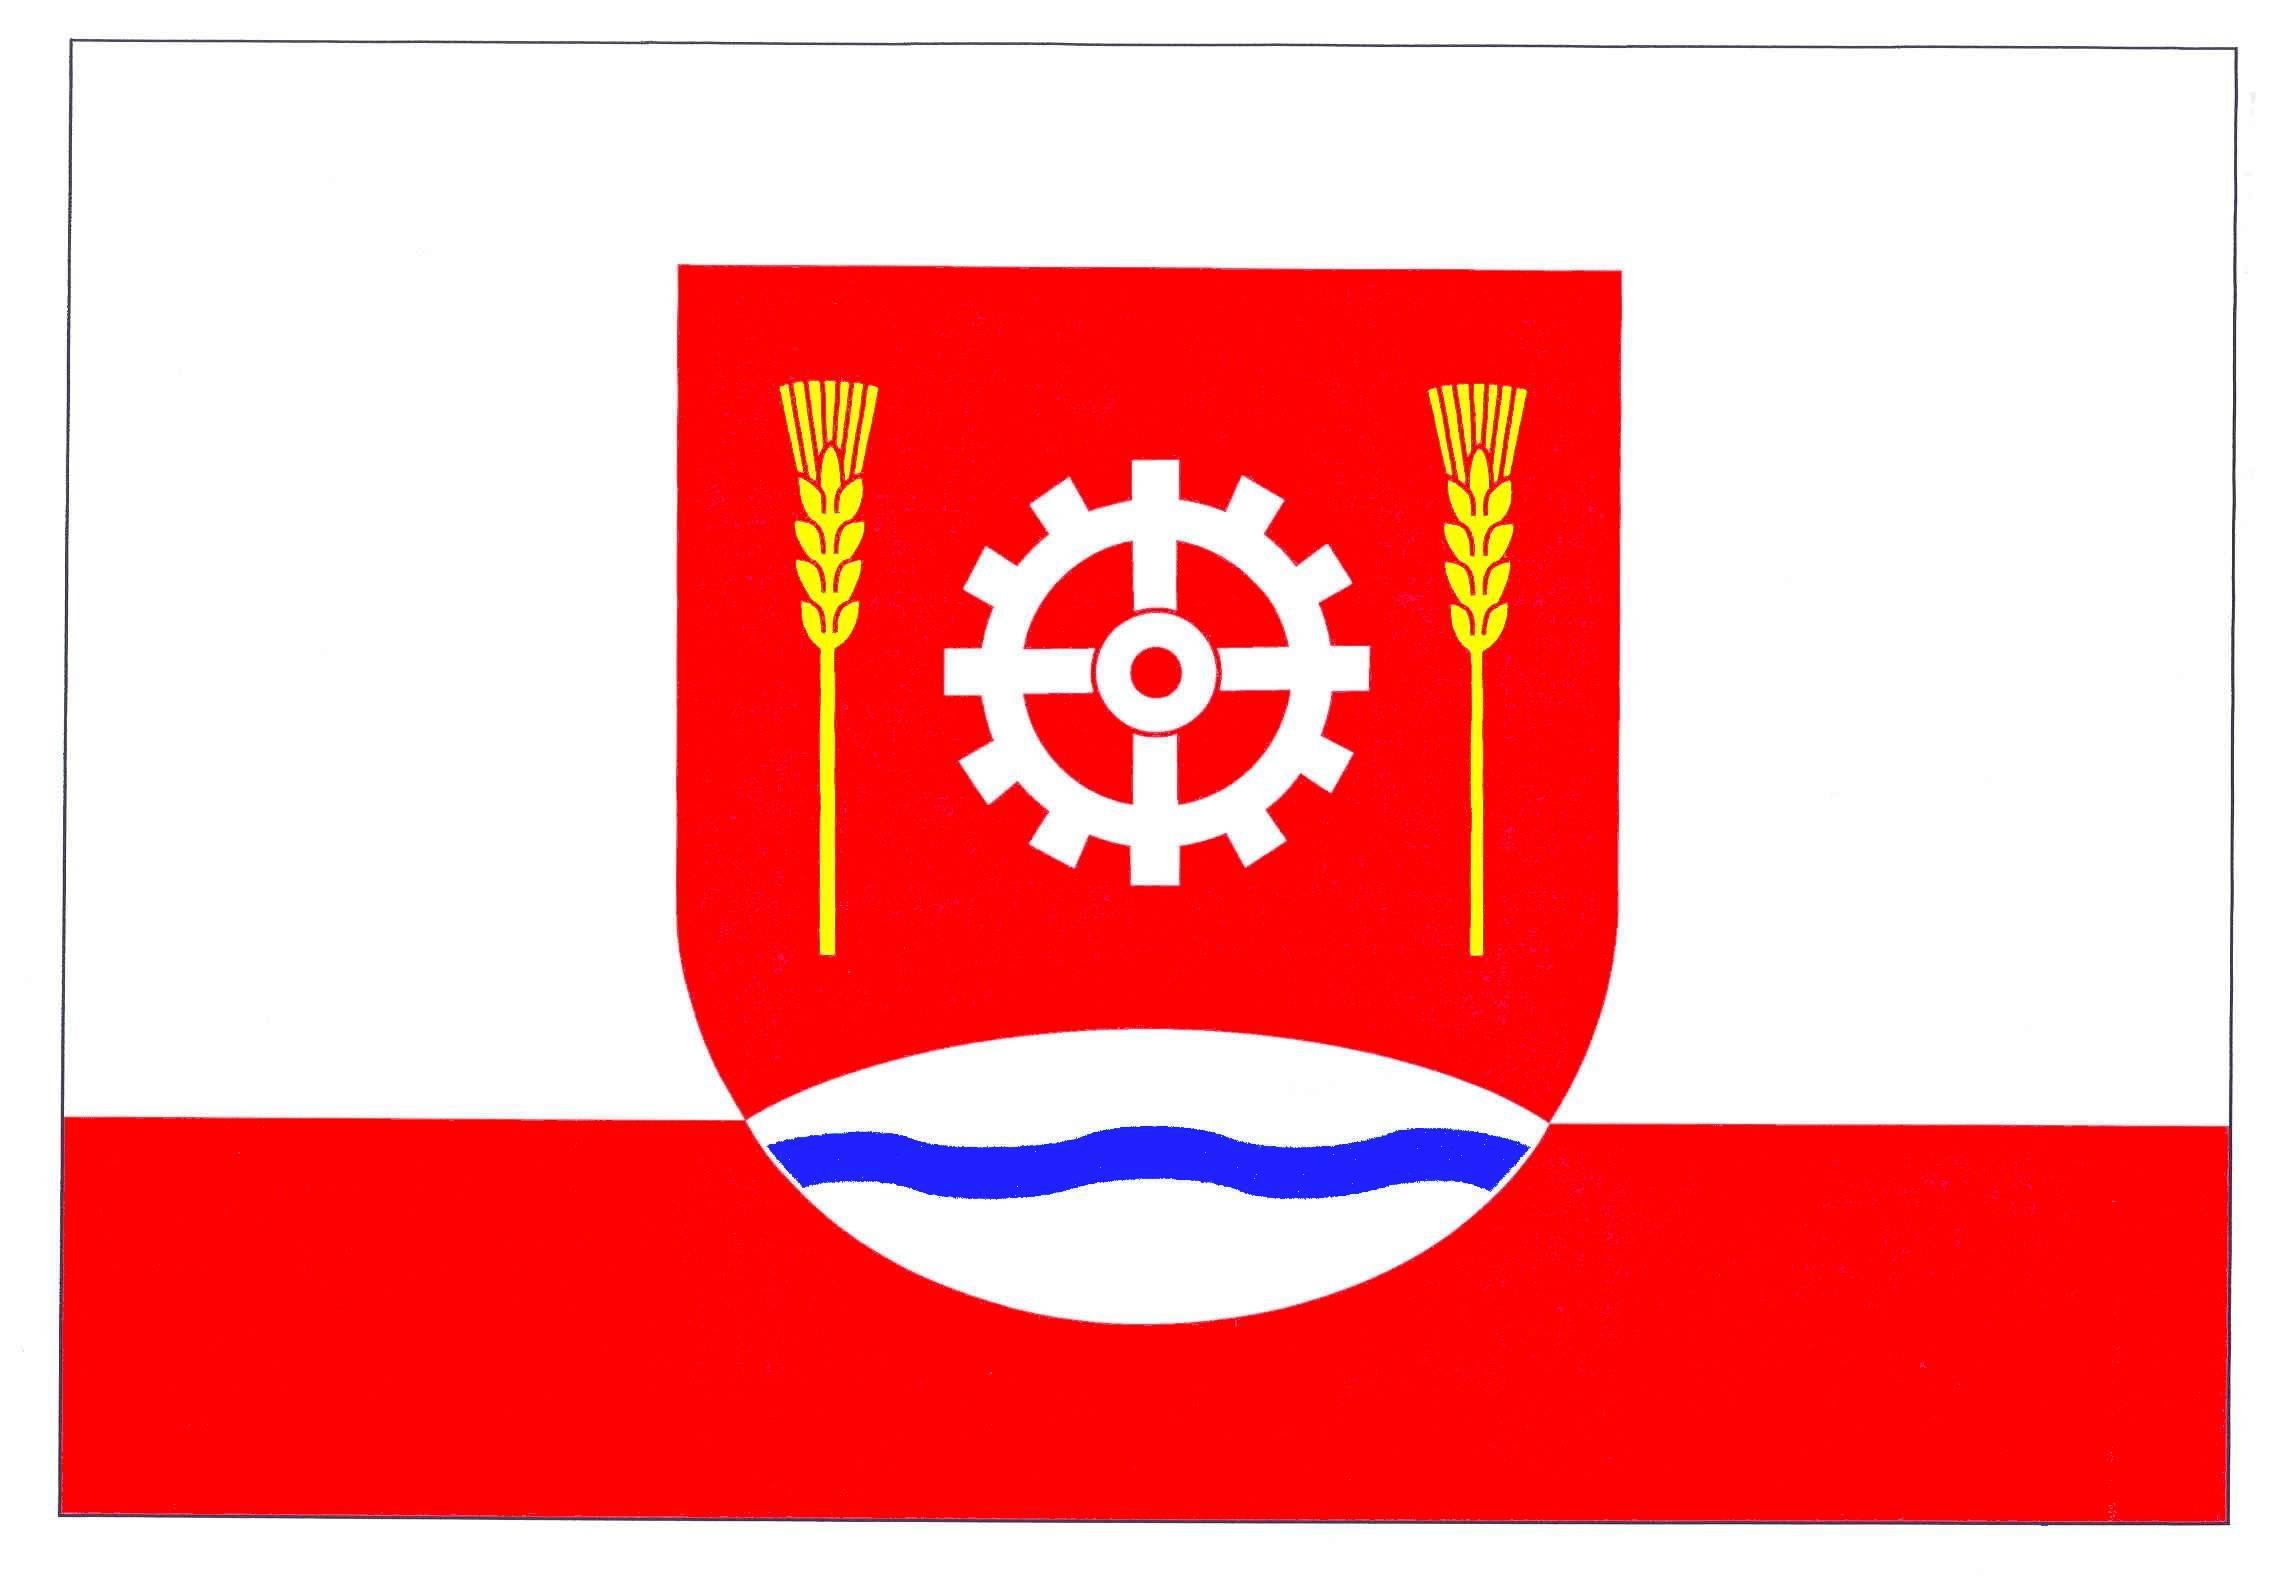 Flagge GemeindeDägeling, Kreis Steinburg